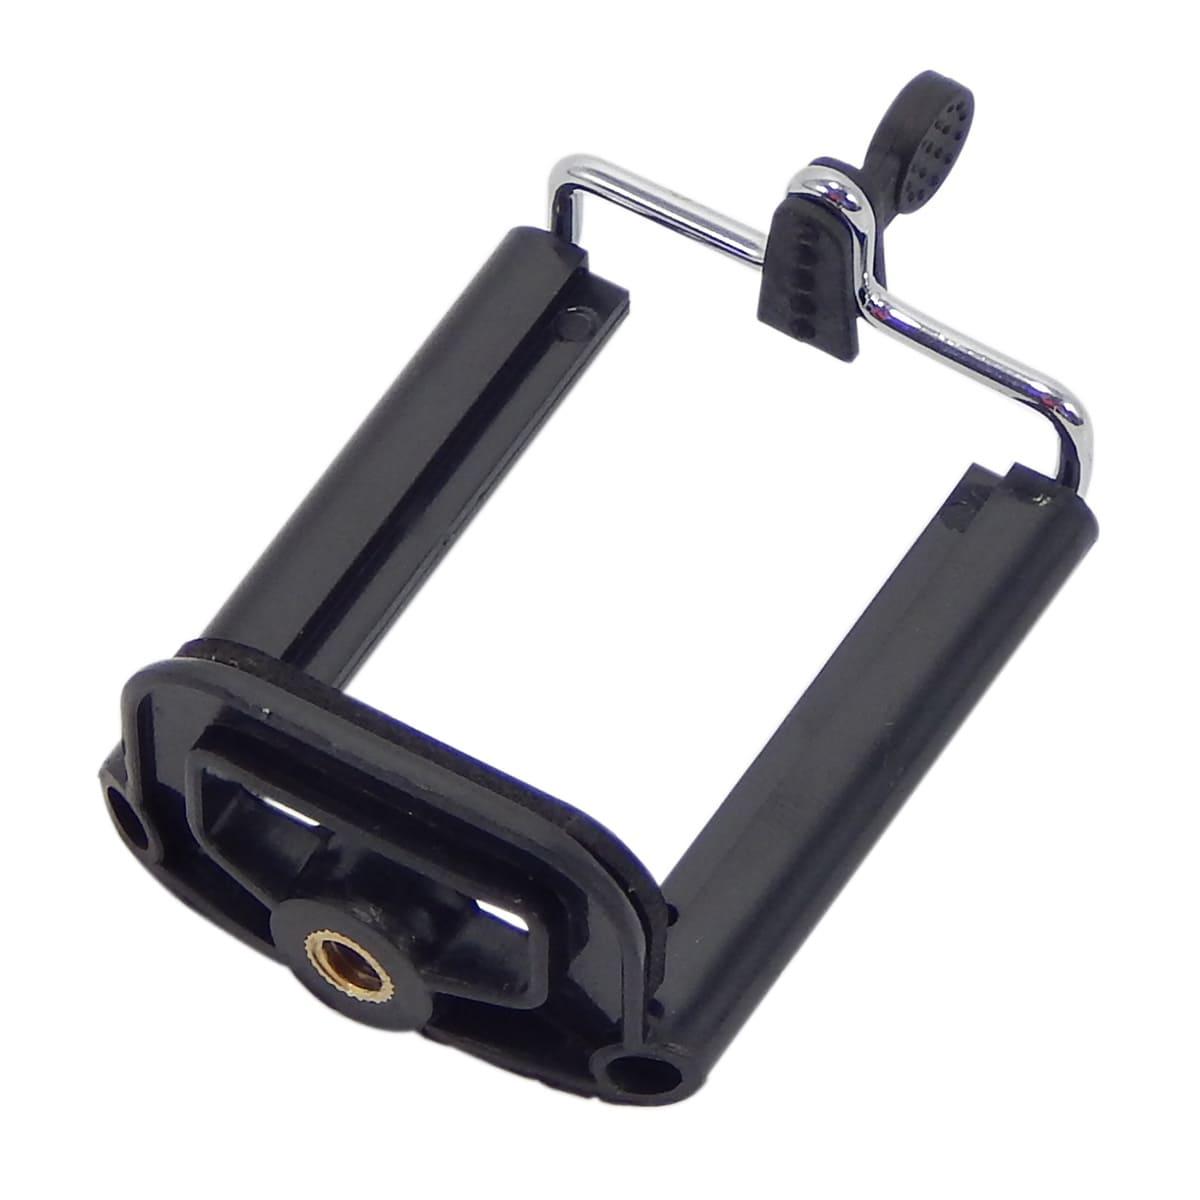 Bastão de Selfie c/ Bluetooth e Zoom no Bastão